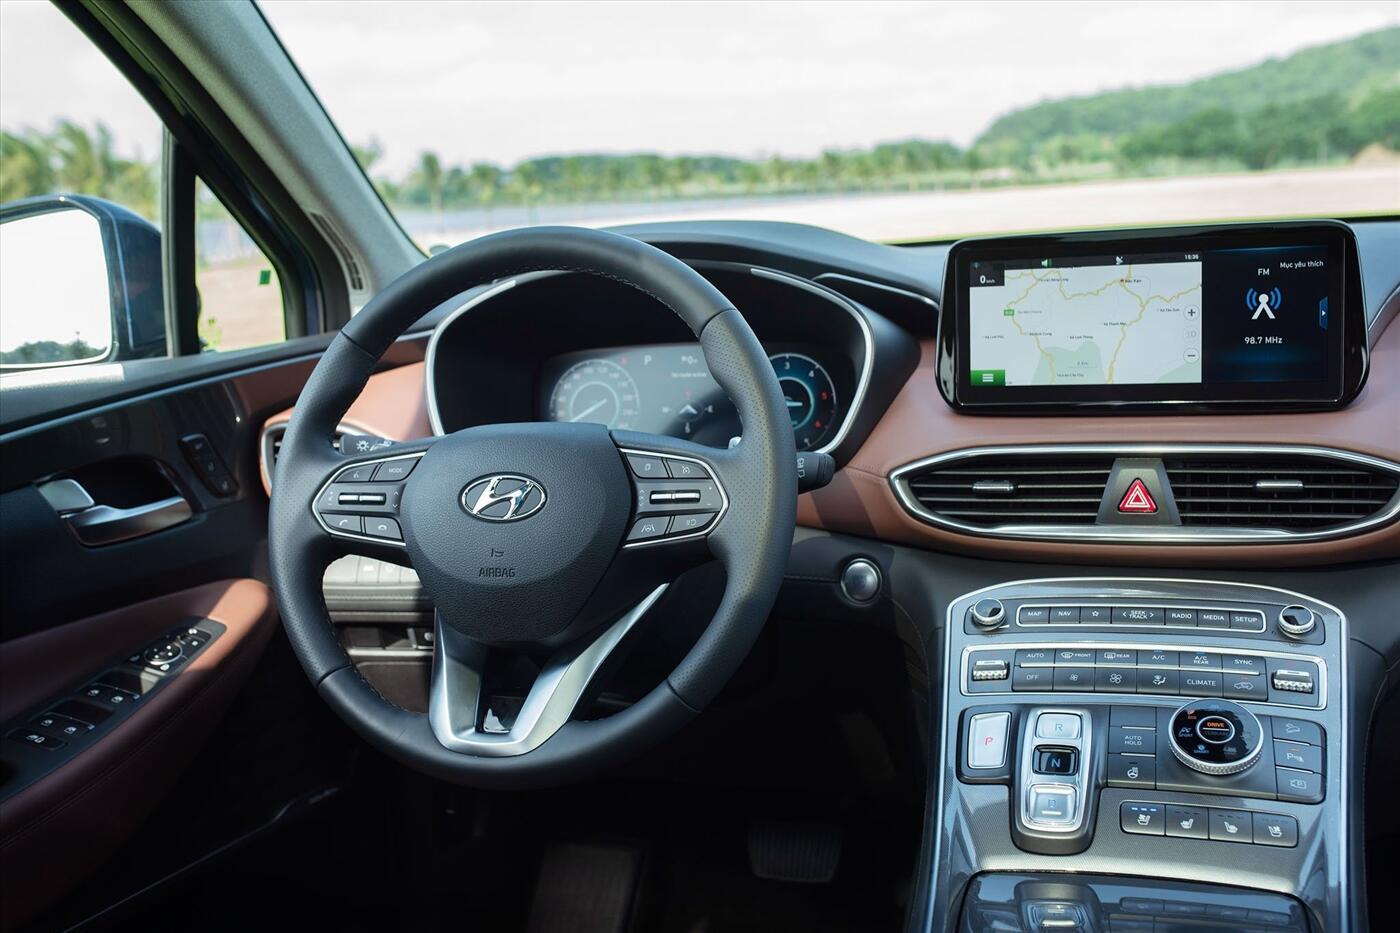 Hyundai Santa Fe 2.2 Dầu - Hình 11